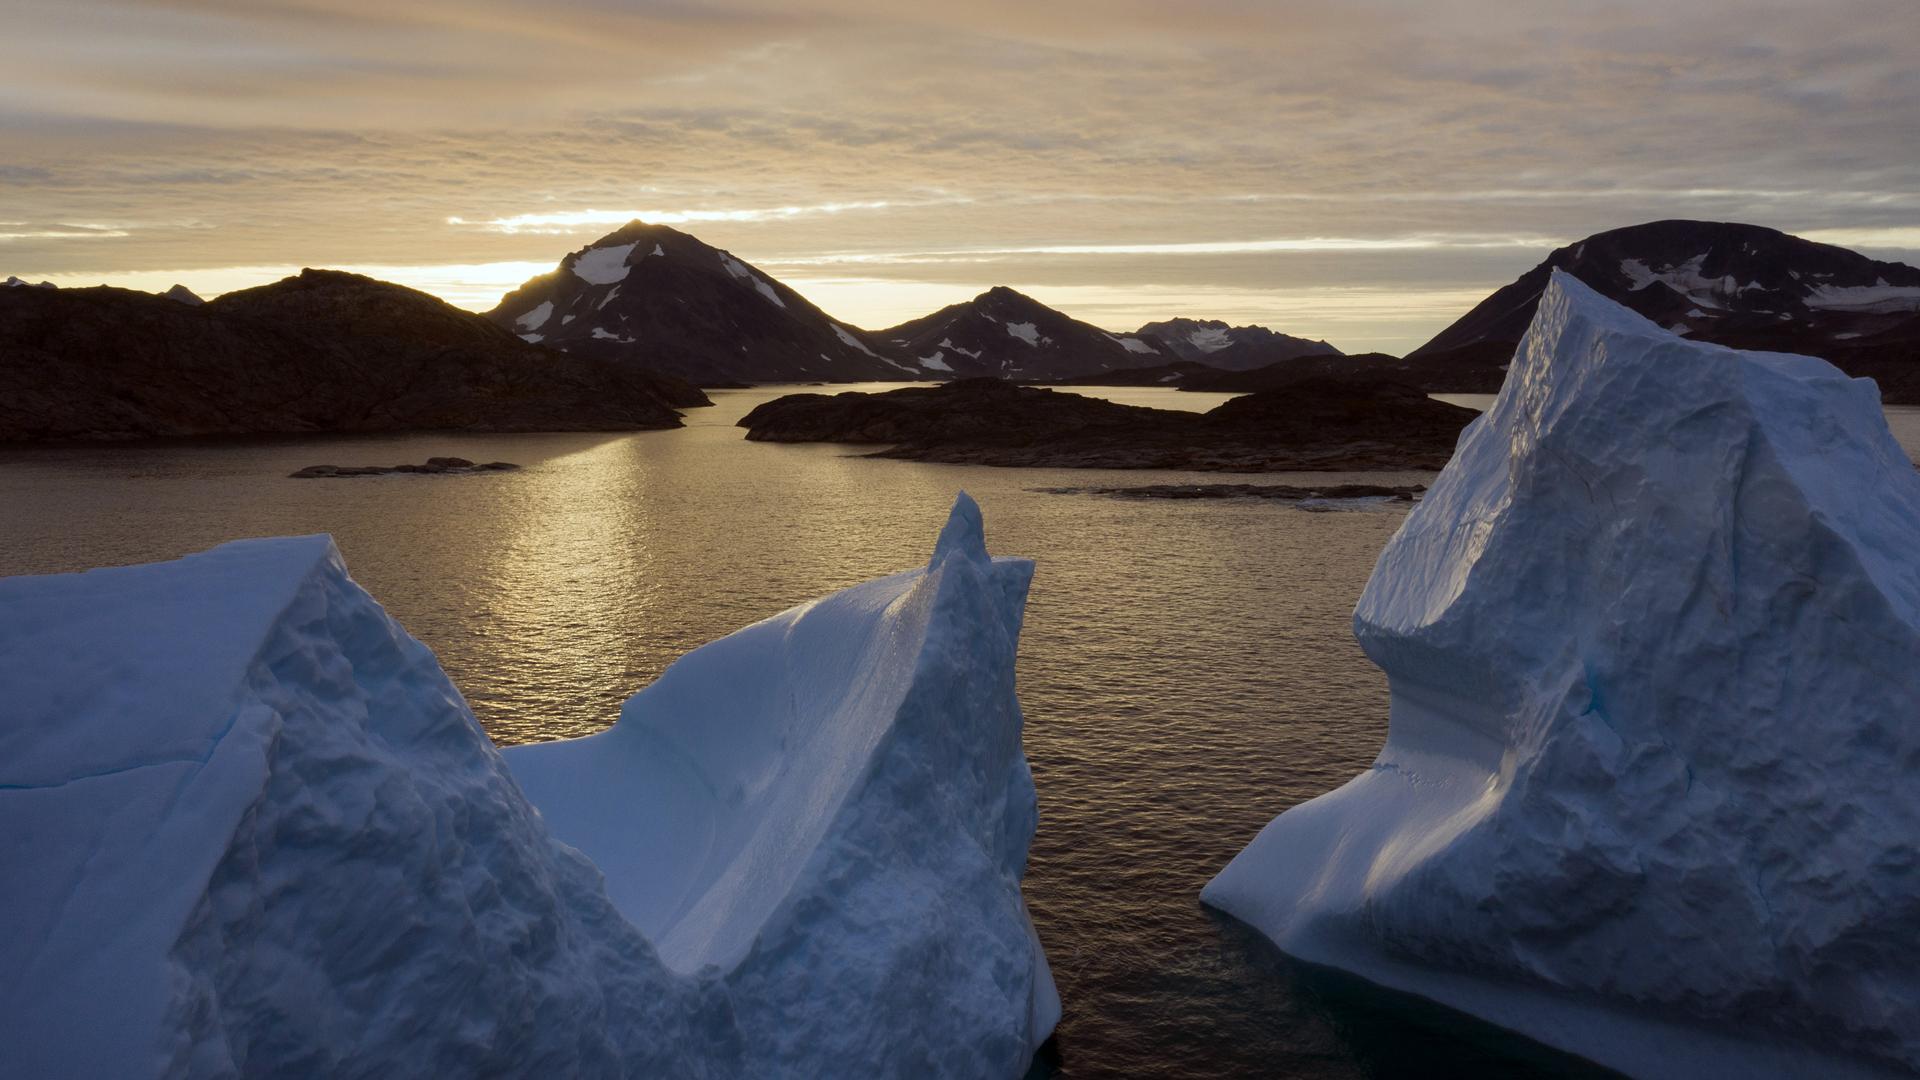 """El contundente mensaje para Trump: """"Groenlandia no está en venta de ninguna manera"""""""